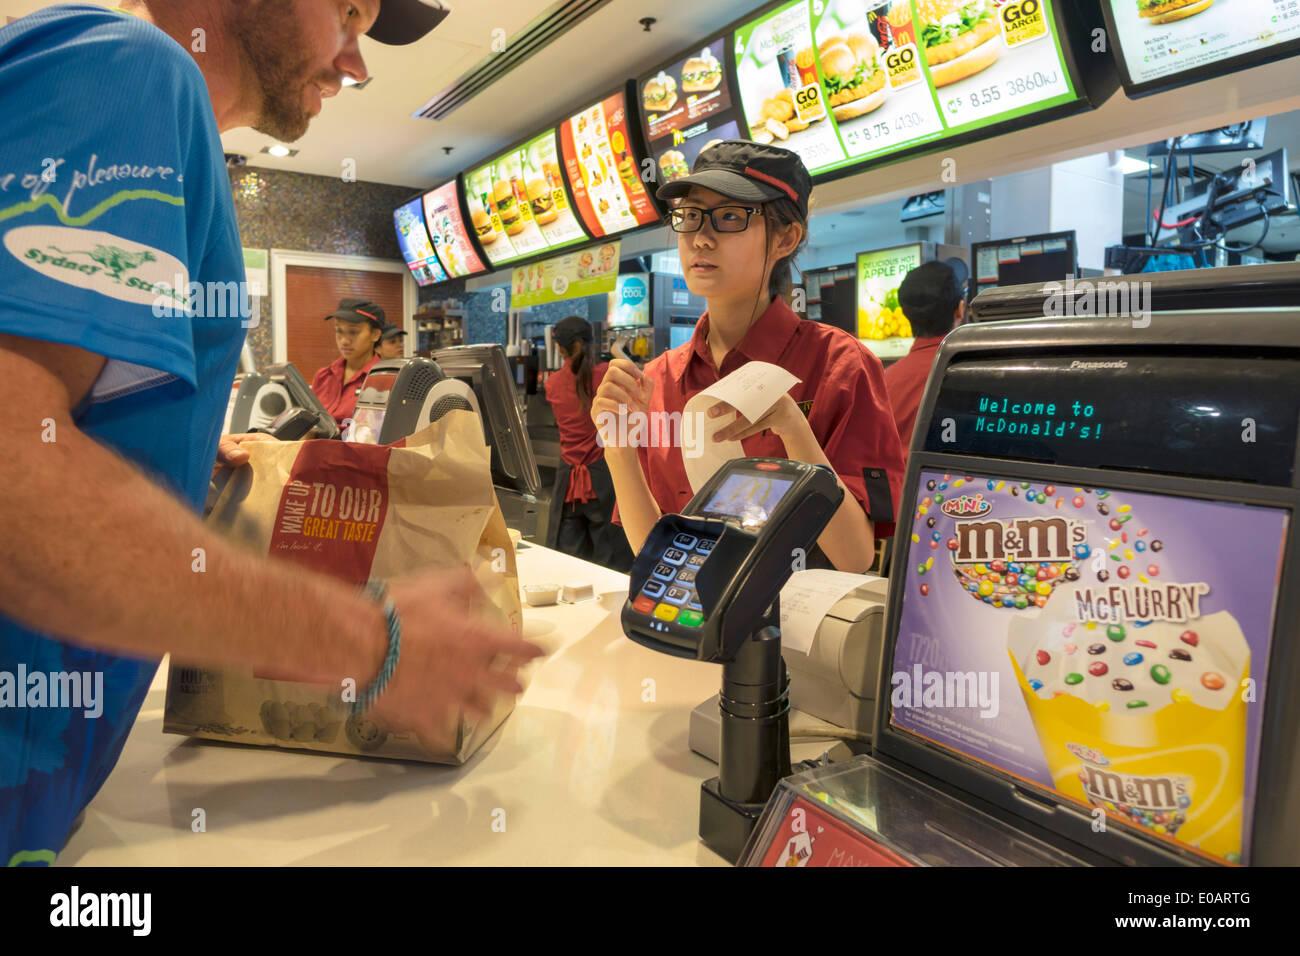 Sydney Australien NSW neue South Wales CBD zentralen Geschäft Bezirk Circular Quay McDonald's-Restaurant-Fast-Food gegen Bestellung Asiatin Teen gir Stockbild